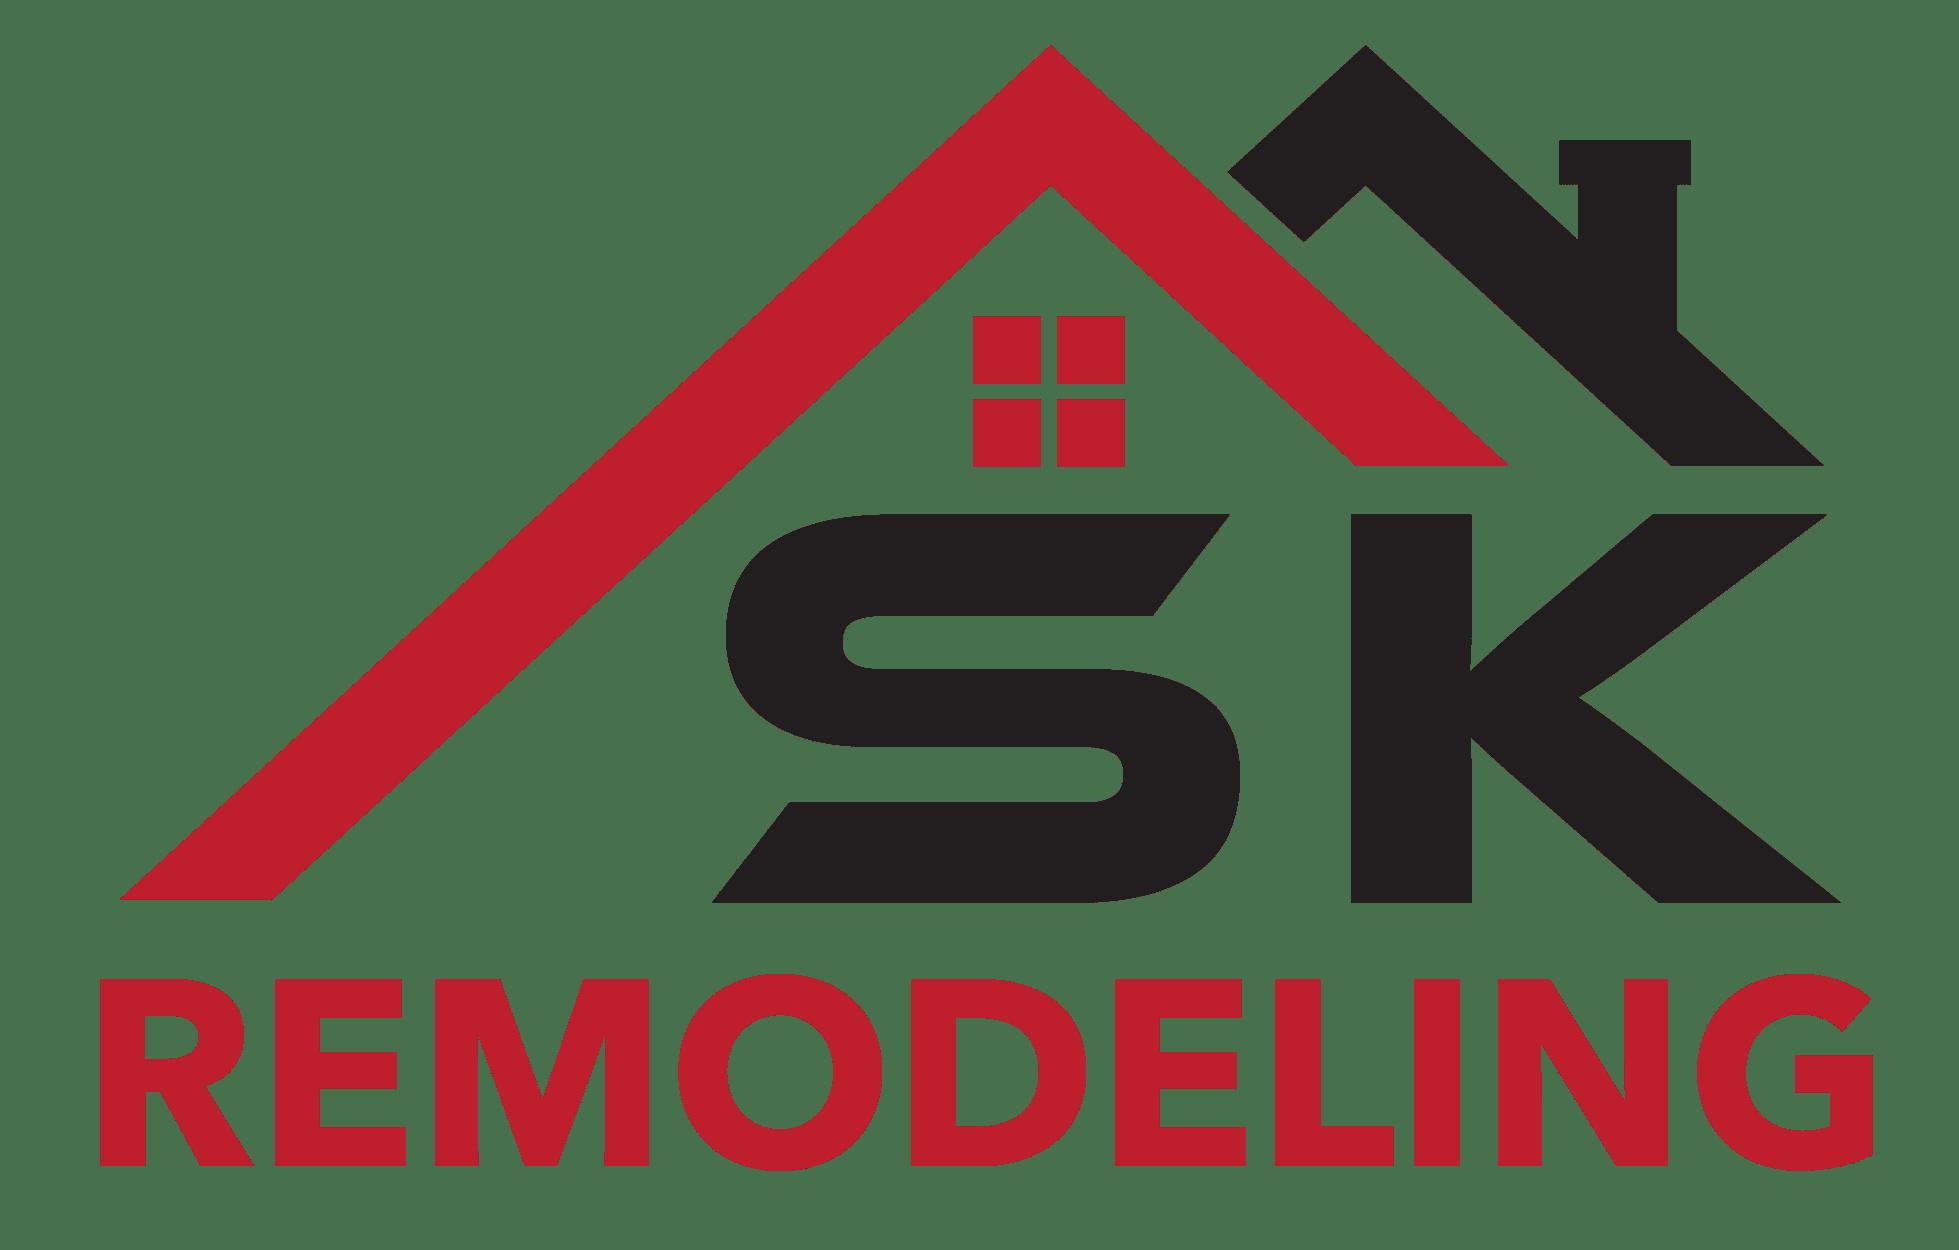 SK Remodeling